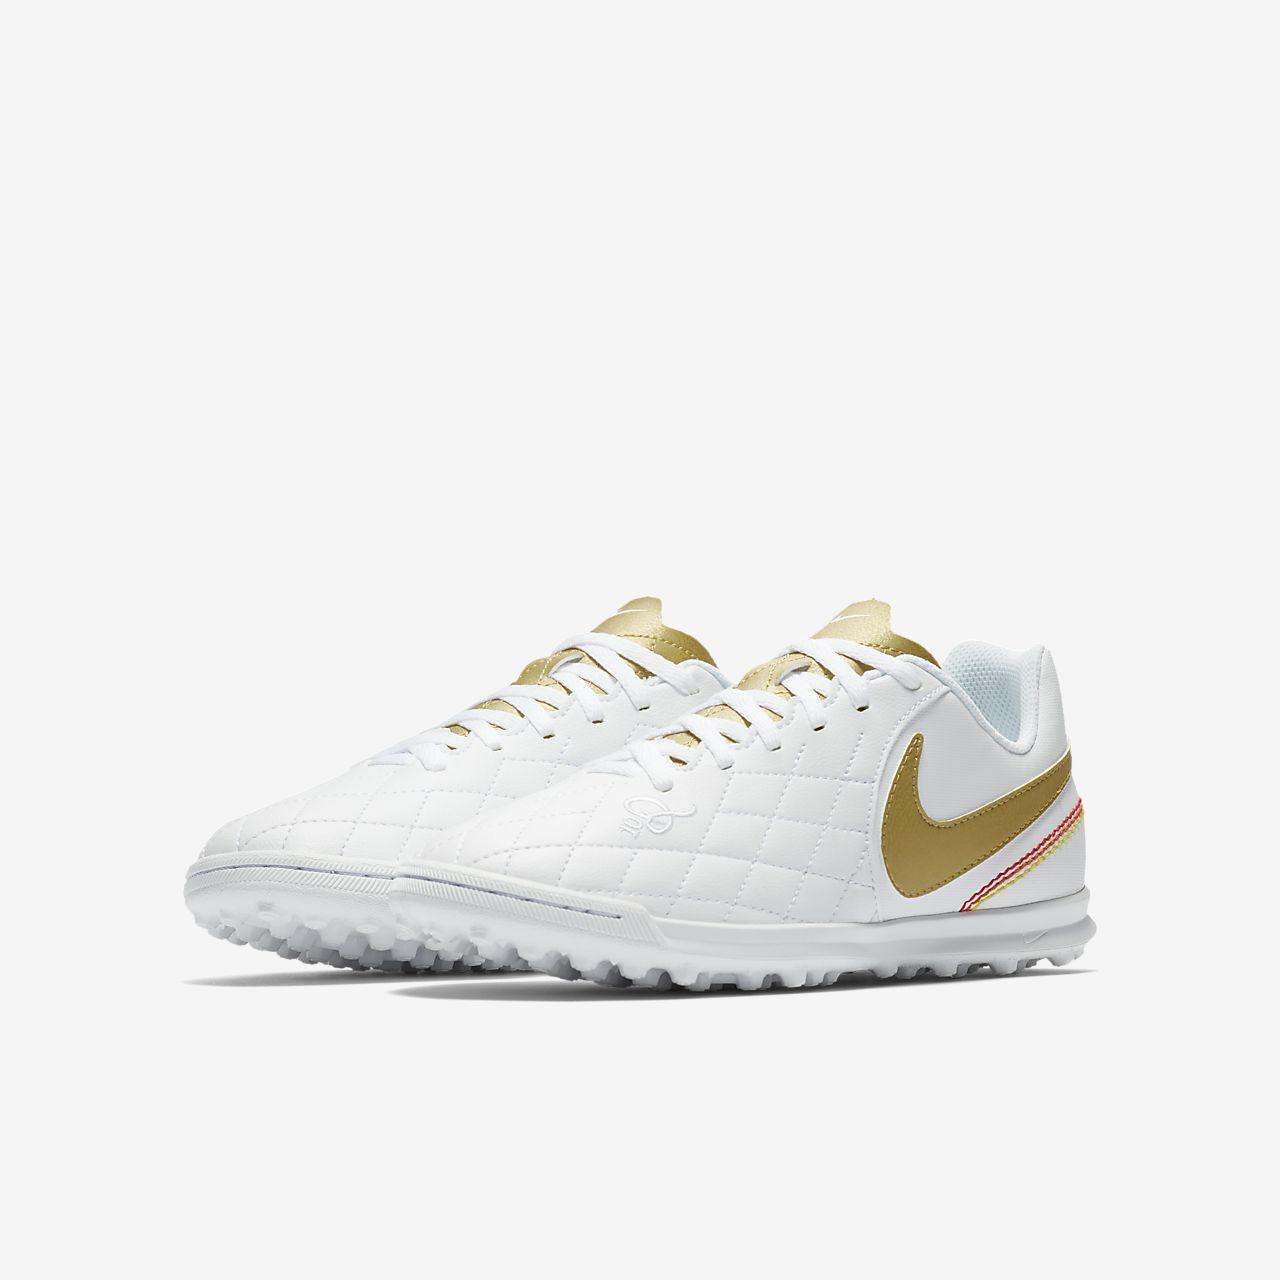 best loved b7297 86485 ... Calzado de fútbol para terreno artificial para niños talla  pequeña/grande Nike Jr. TiempoX